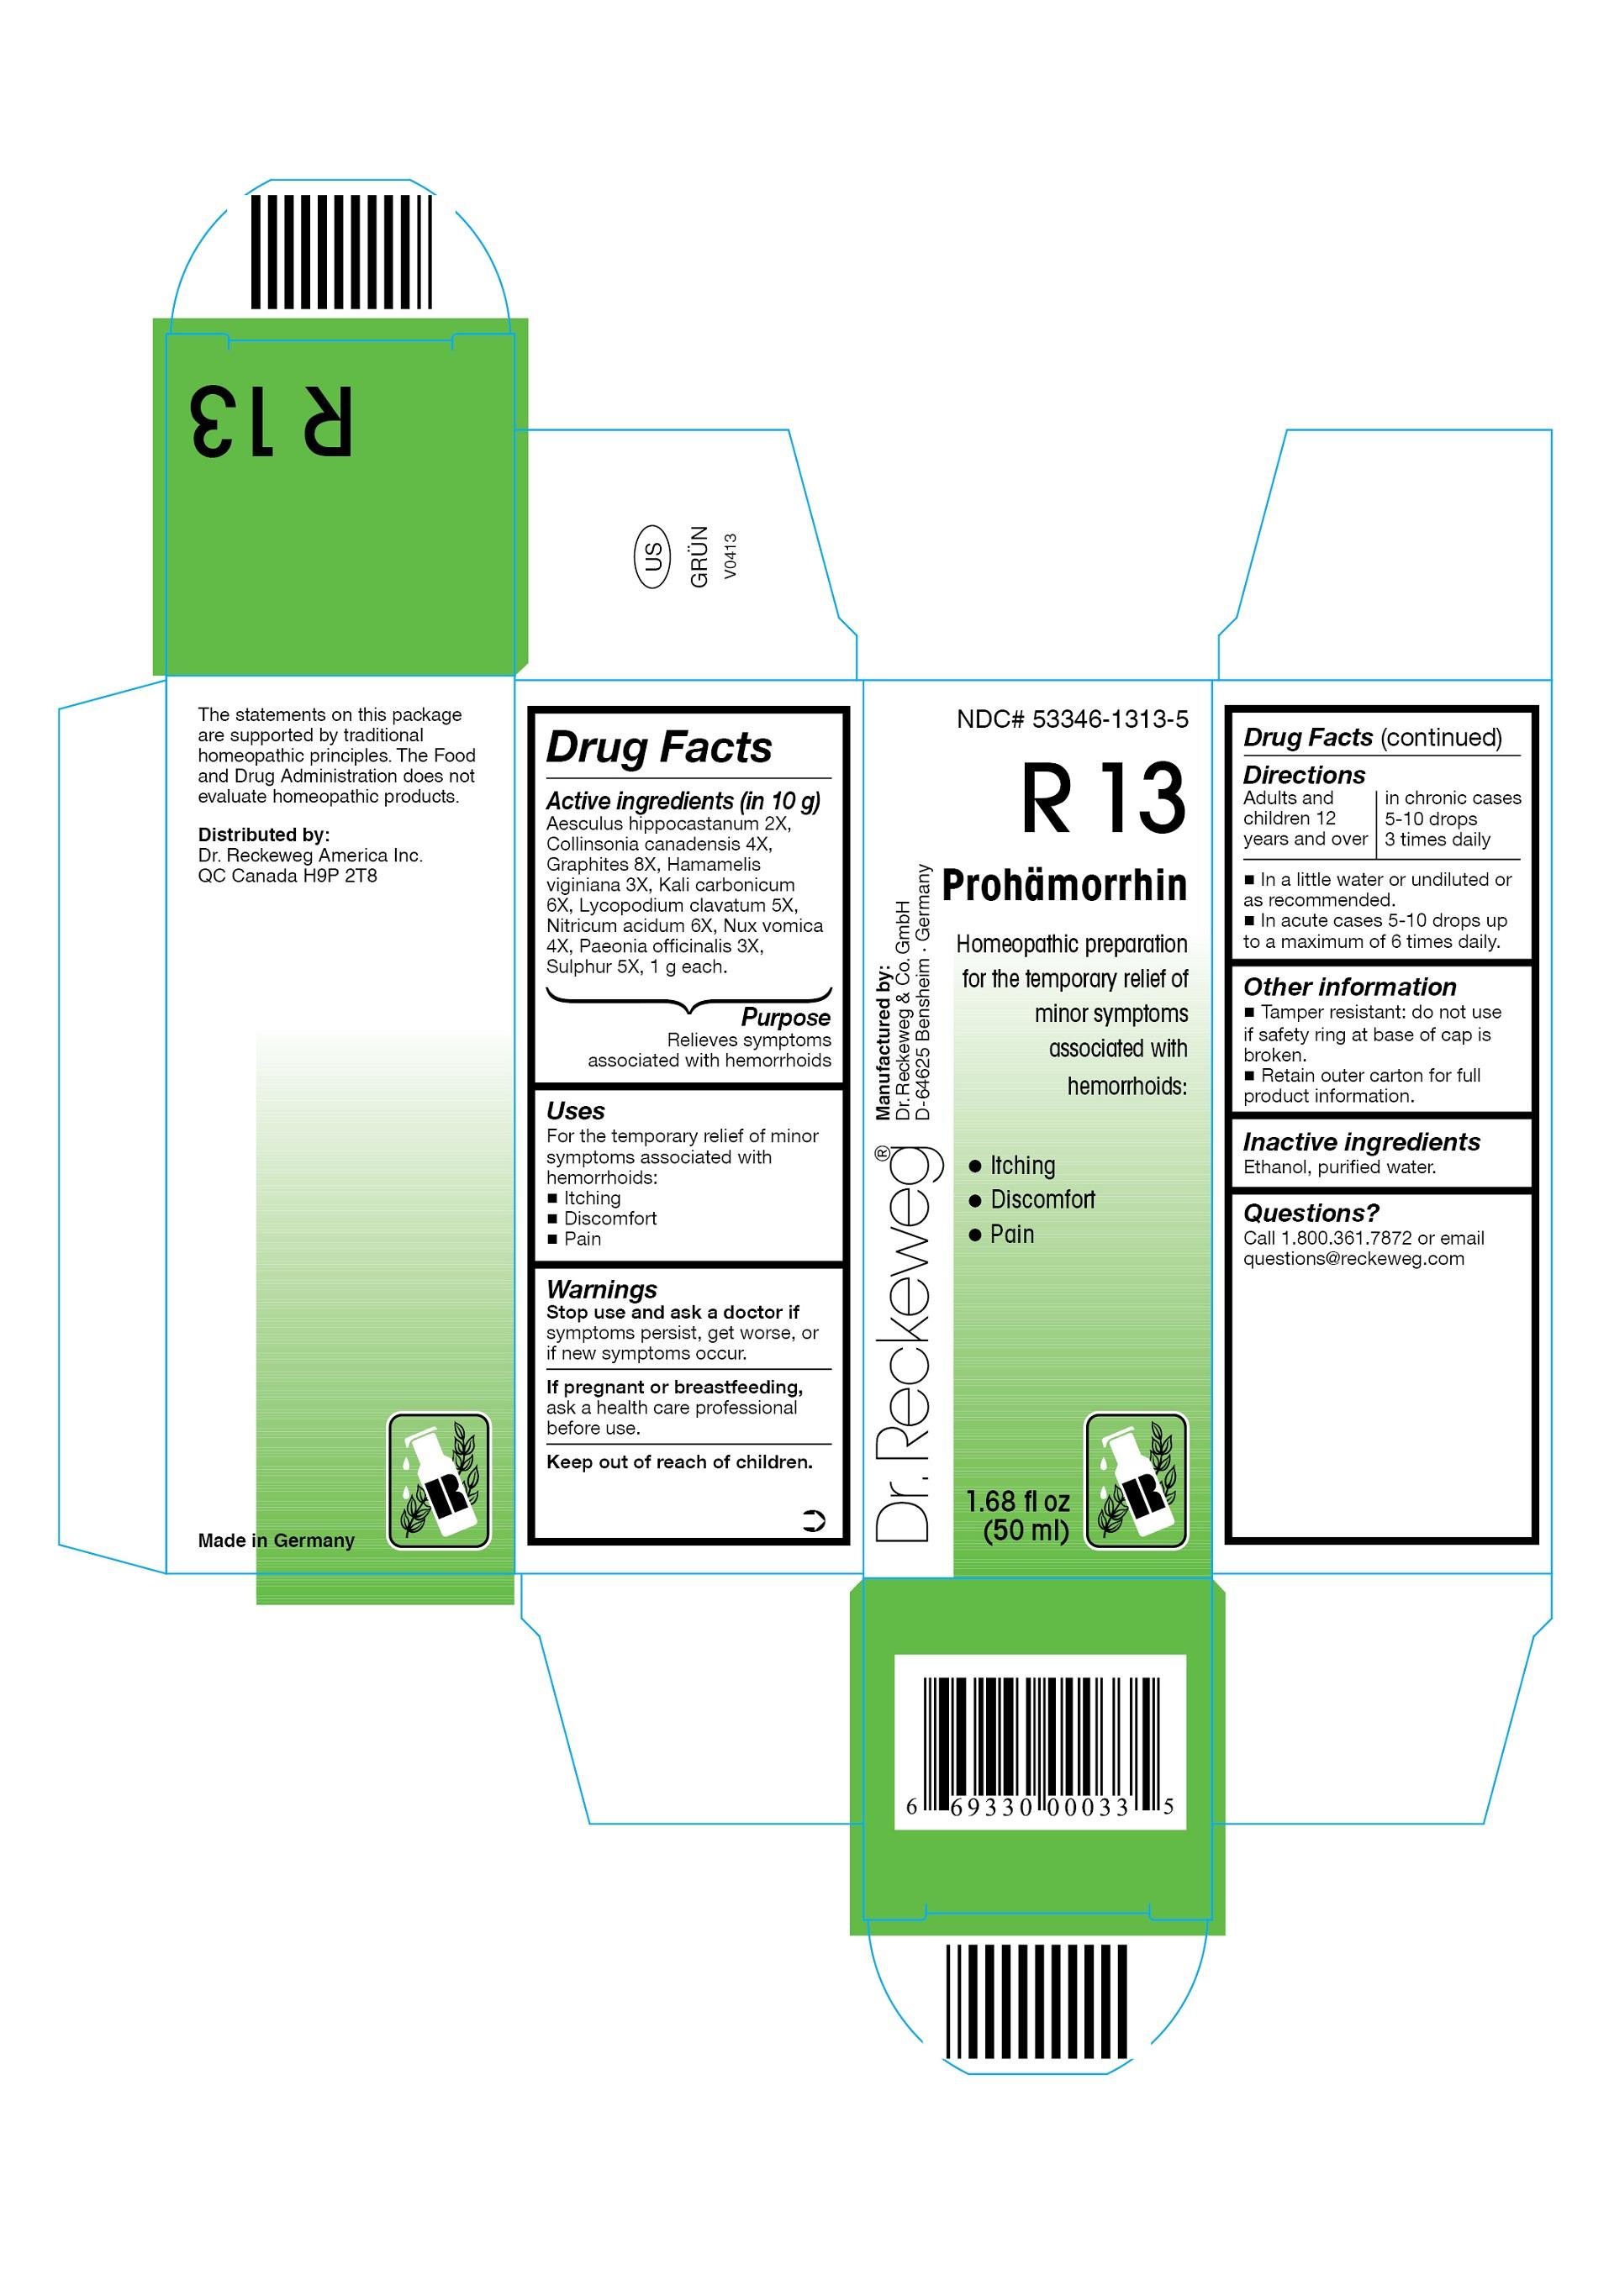 Dr. Reckeweg R13 Prohaemorrhin Combination Product (Aesculus Hippocastanum 2x, Collinsonia Canadensis 4x, Graphites 8x, Hamamelis Virginiana 3x, Kali Carbonicum 6x, Lycopodium Clavatum 5x, Nitricum Acidum 6x, Nux Vomica 4x, Paeonia Officinalis 3x, Sulphur 5x) Liquid [Pharmazeutische Fabrik Dr. Reckeweg & Co]